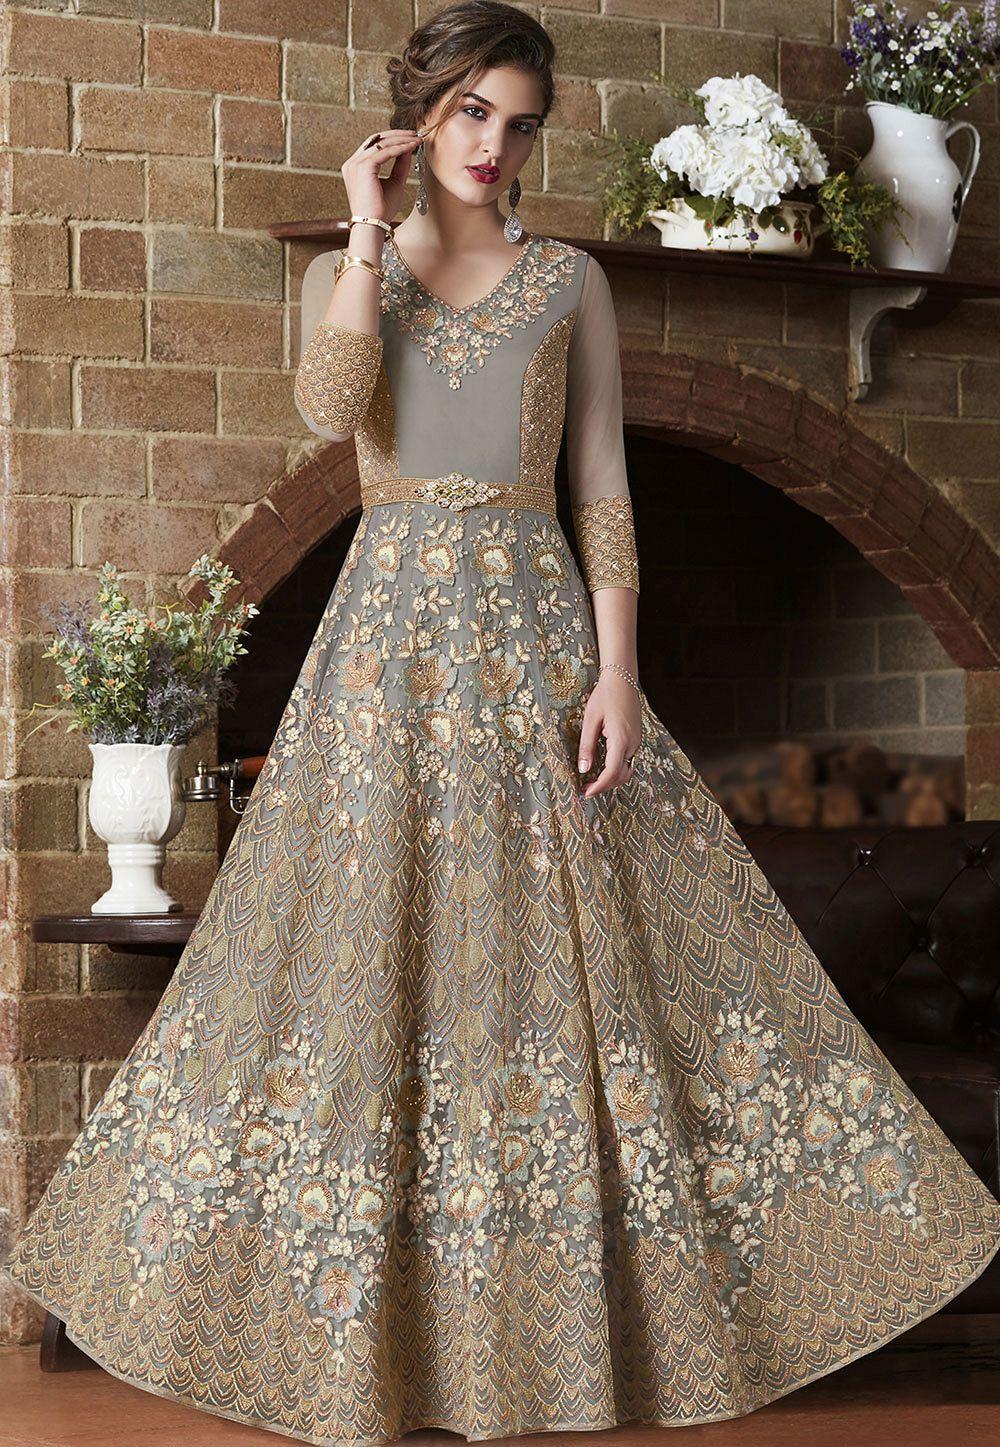 Indian Wedding Outfits.Dusty Net Indian Wedding Wear Anarkali Suit 4505